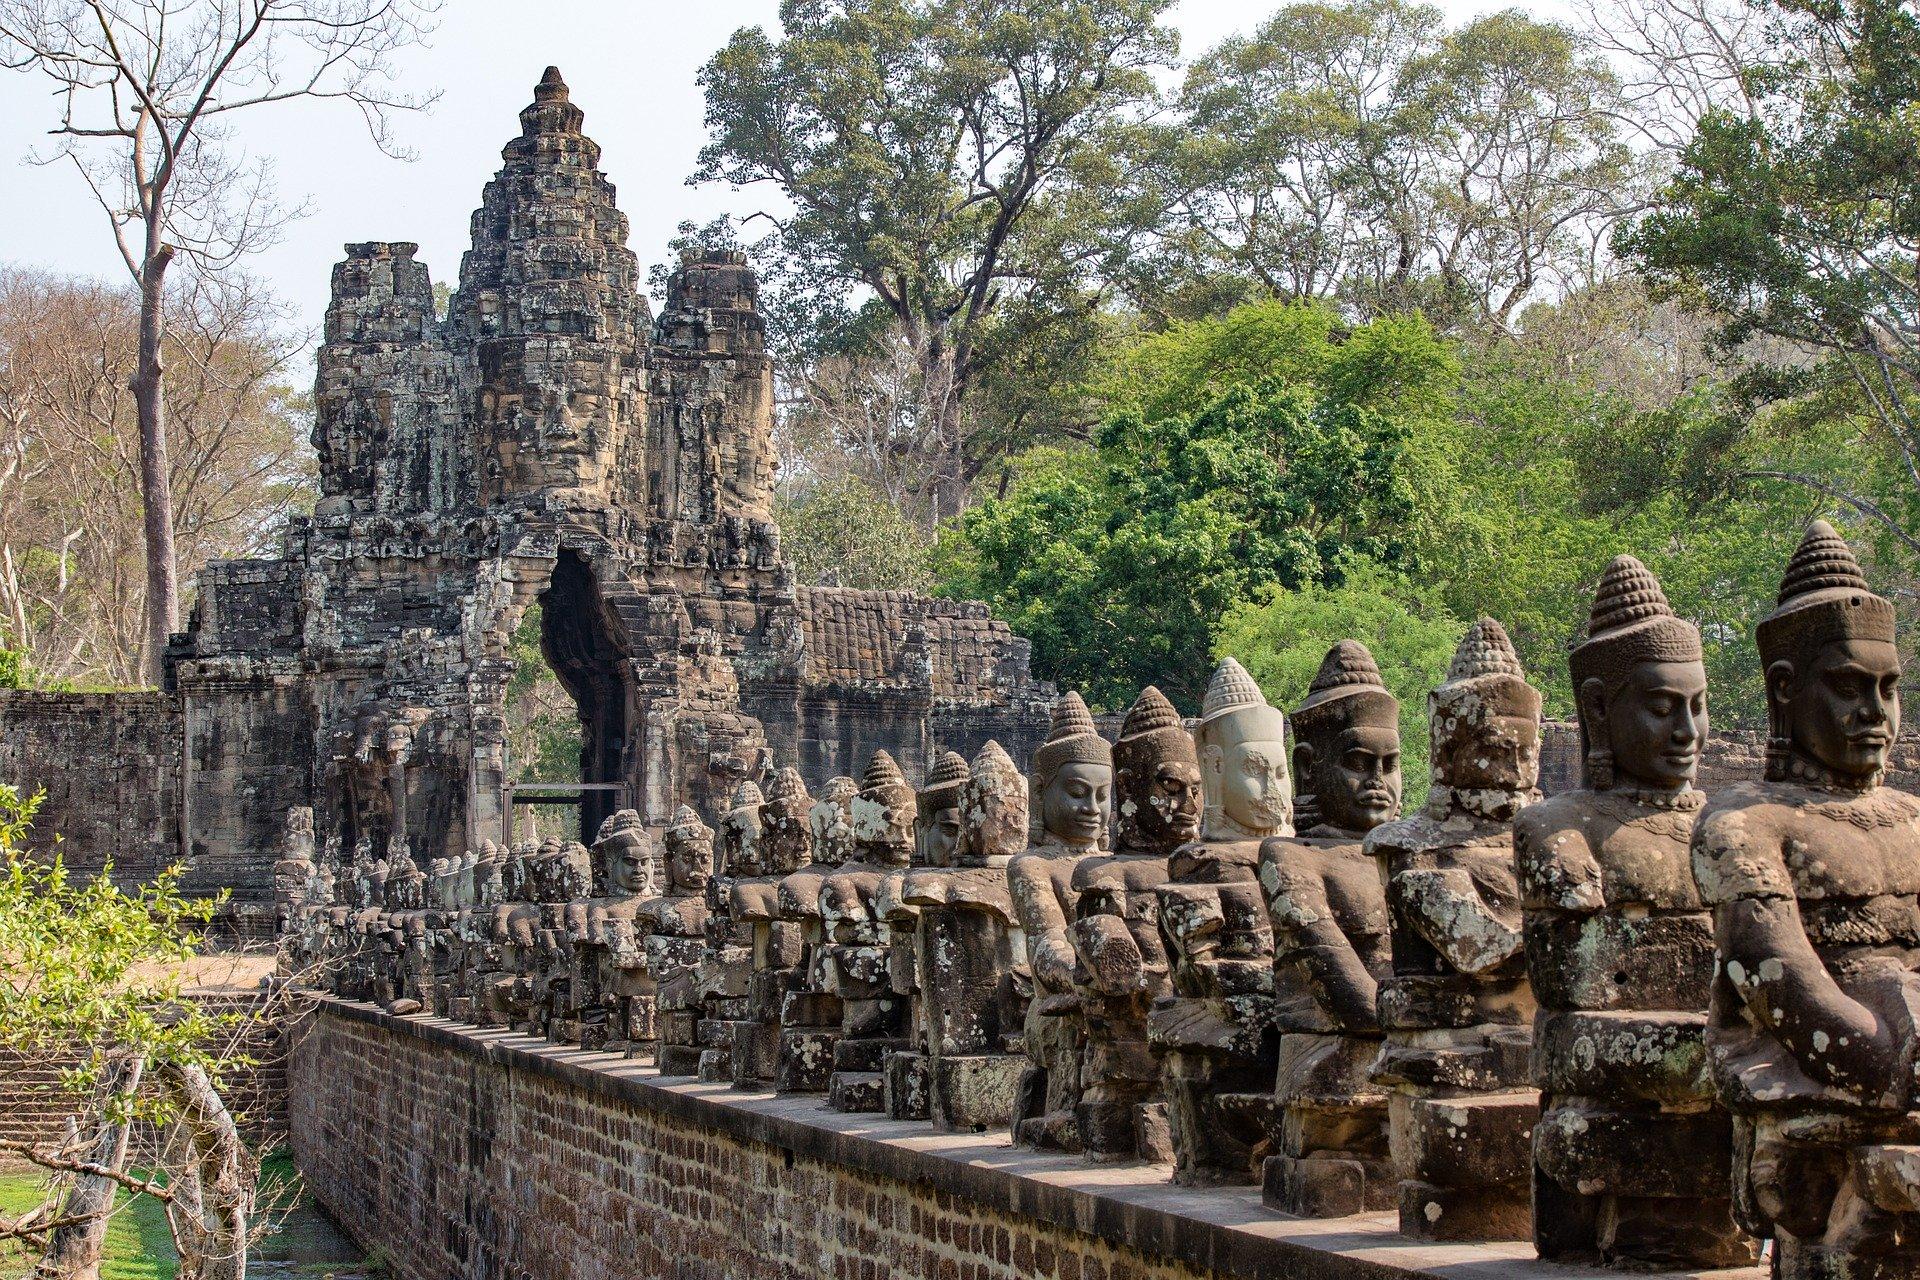 Angkor Thom archaelogical site